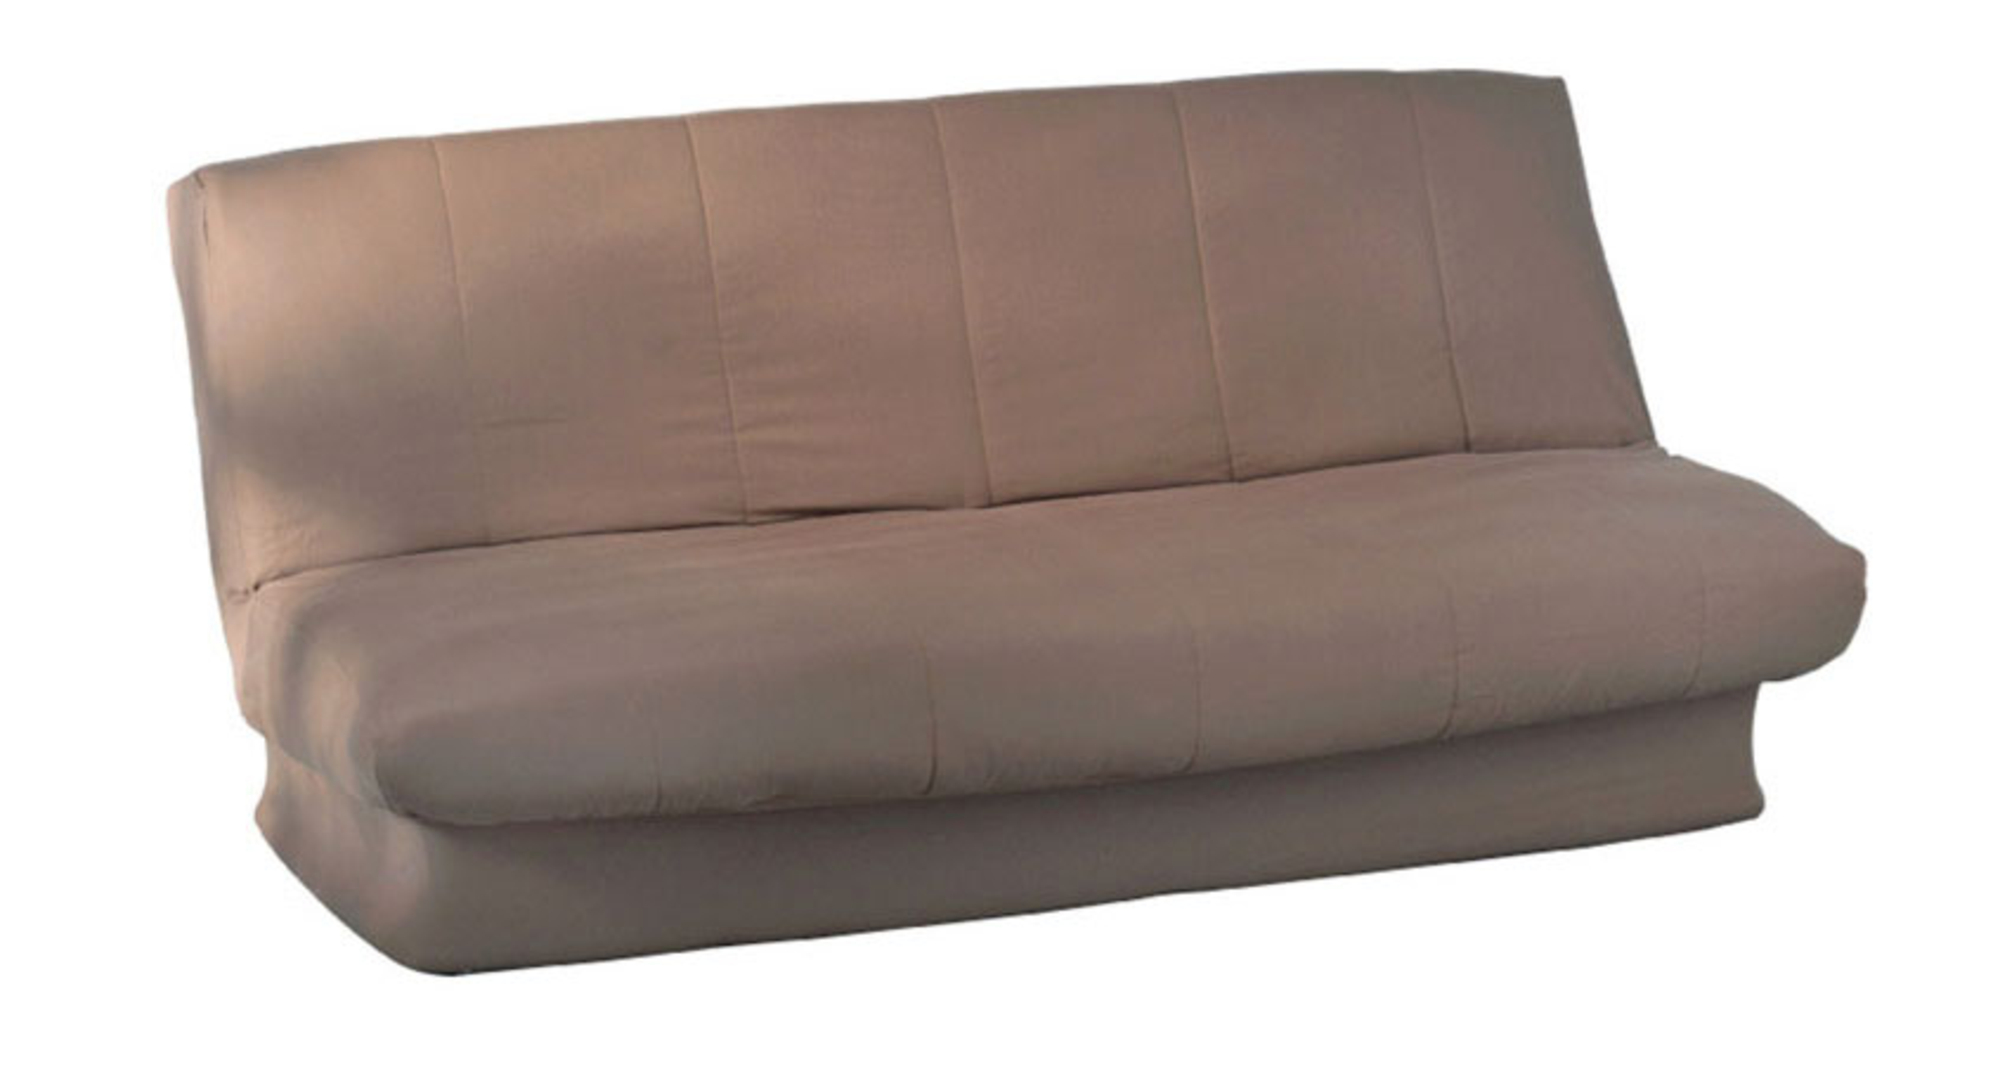 housse clic clac matelass e myl ne taupe frais de traitement de commande offerts acheter. Black Bedroom Furniture Sets. Home Design Ideas